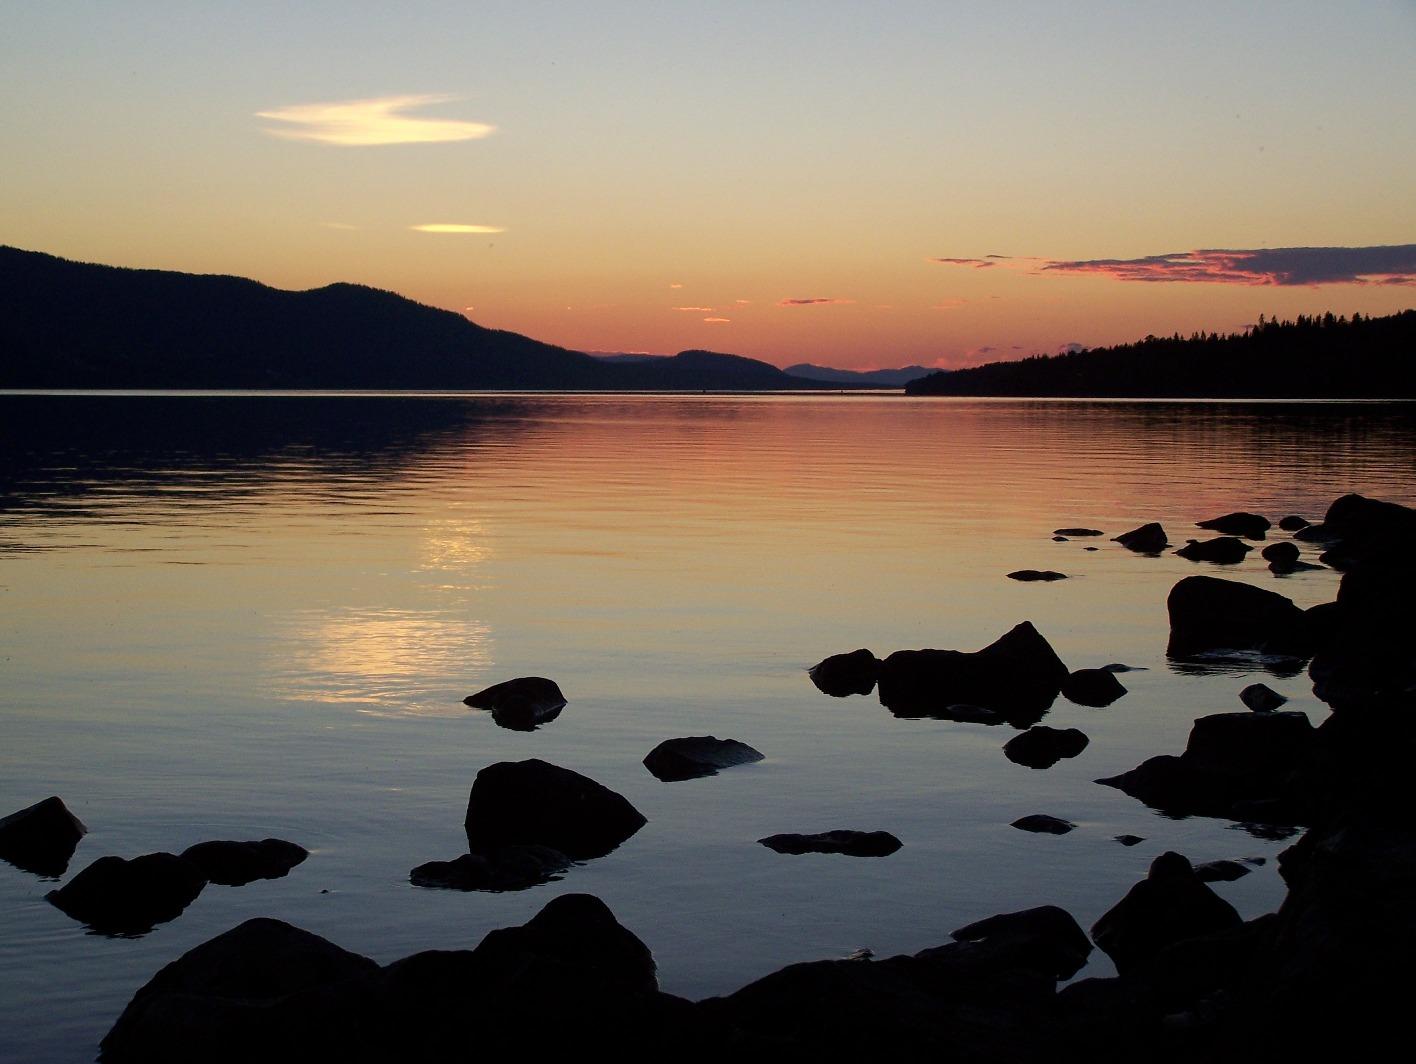 De zon in het meer zien zakken